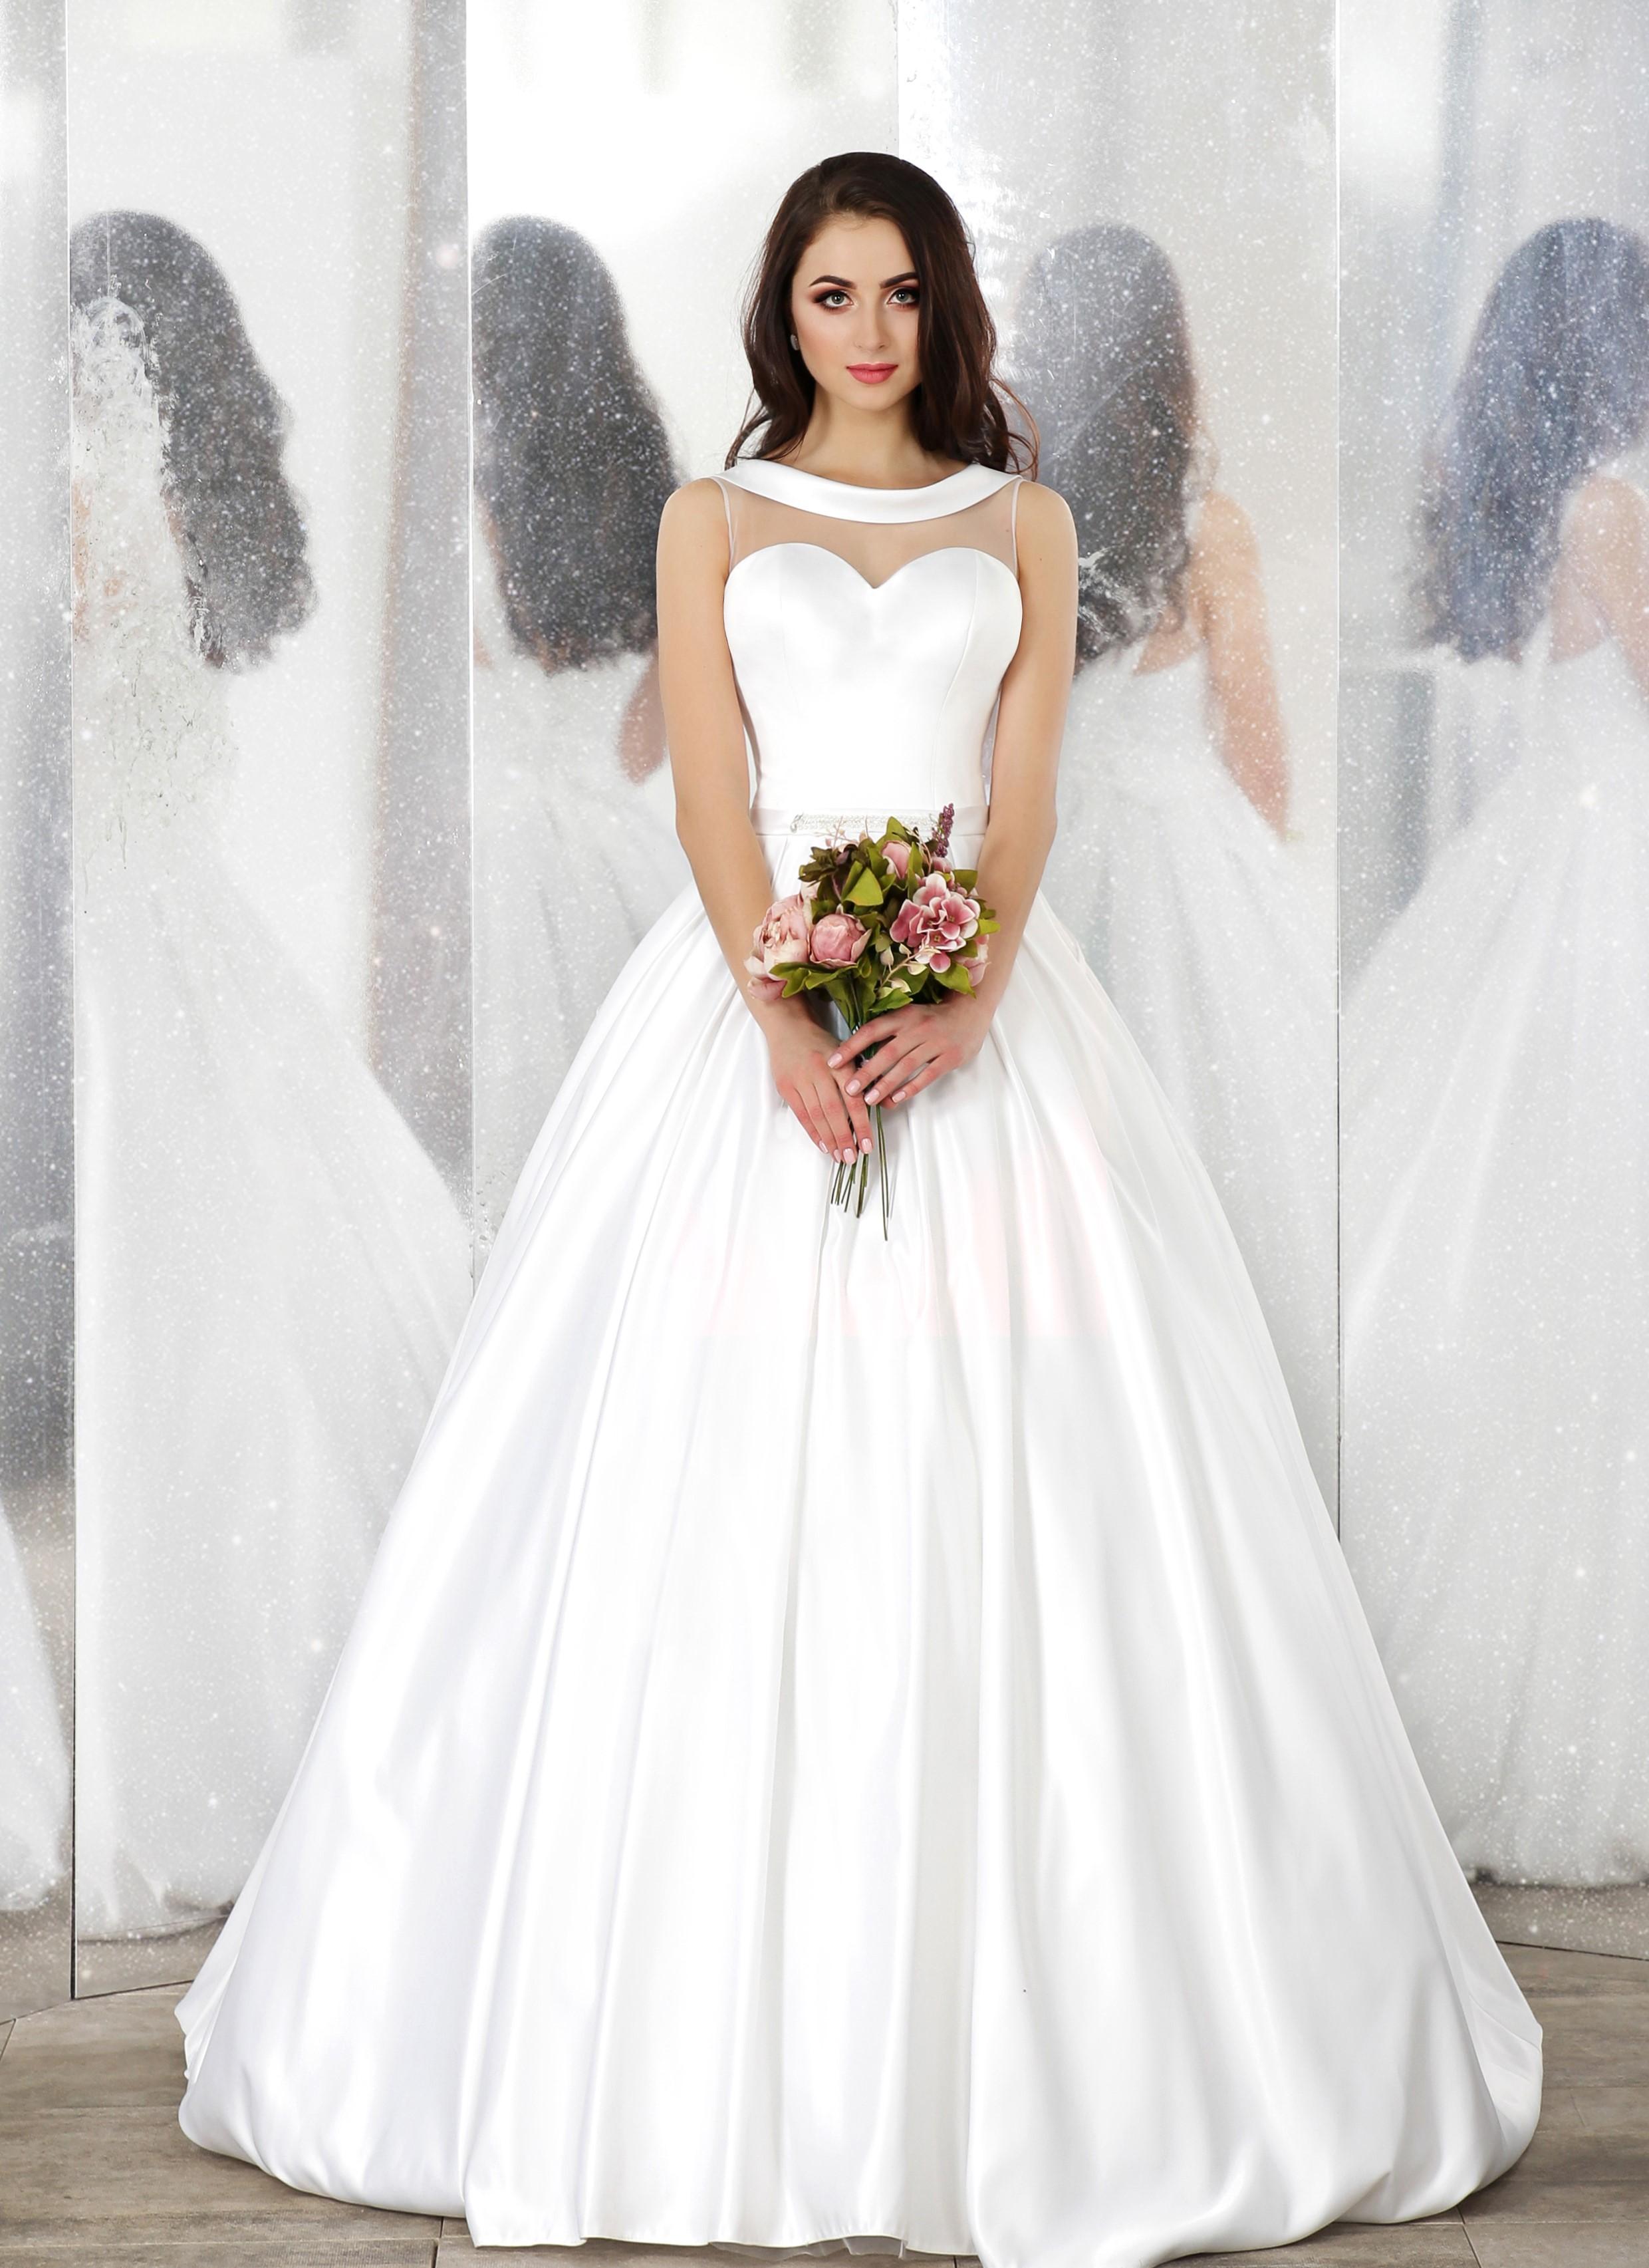 big sale 3da28 354a0 negozio-abiti-da-sposa-verona160011 - Atelier abiti da sposa ...